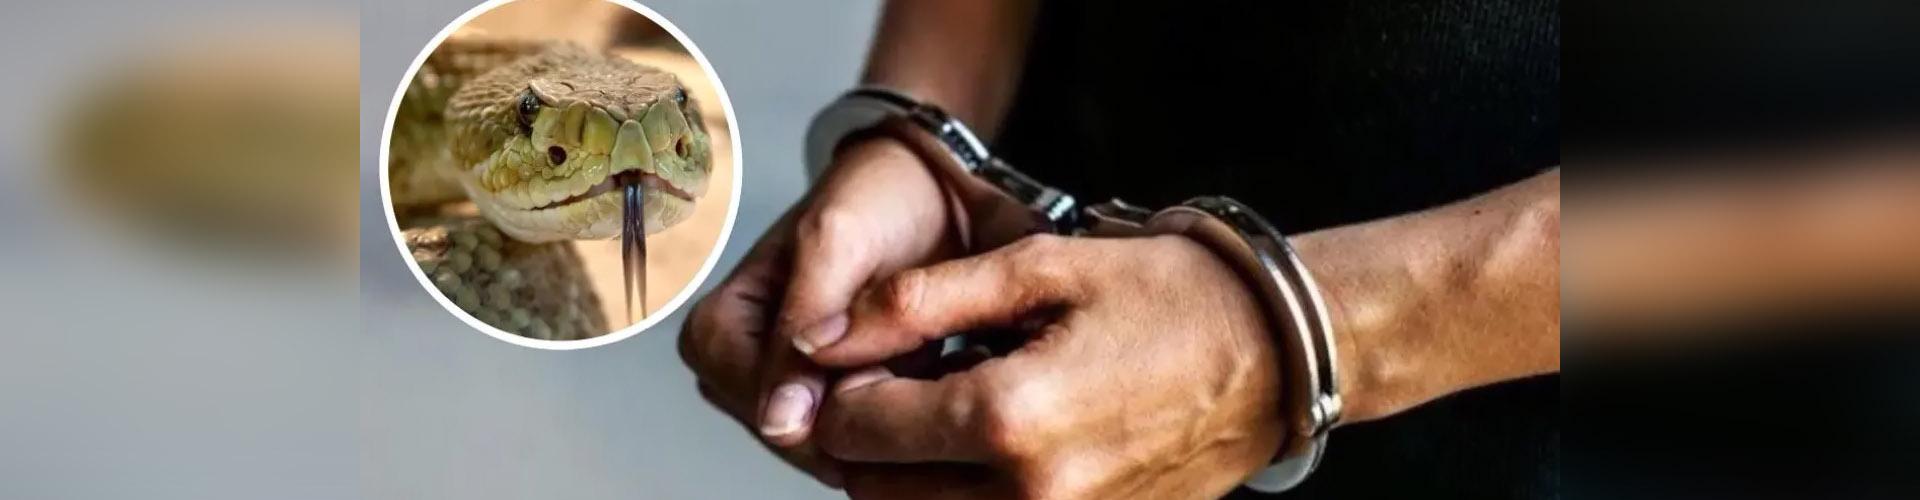 Hombre es condenado a cadena perpetua por matar a su esposa con una serpiente